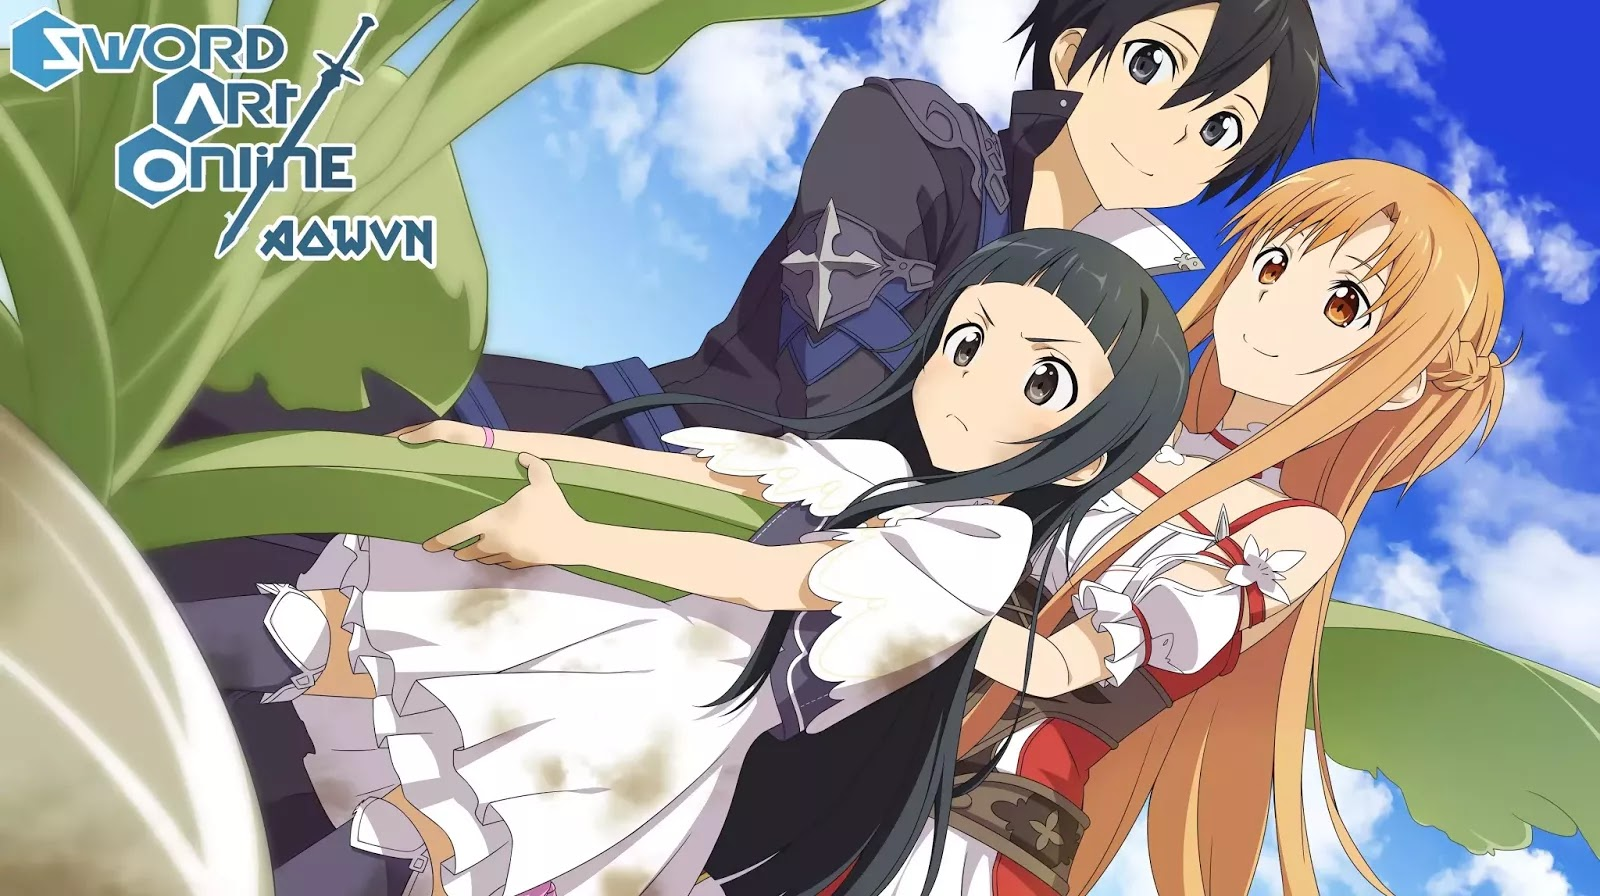 sao aowvn%2B%25284%2529 - [ Light Novel ] Sword Art Online | 76.000 vnđ - Giảm Giá 20%